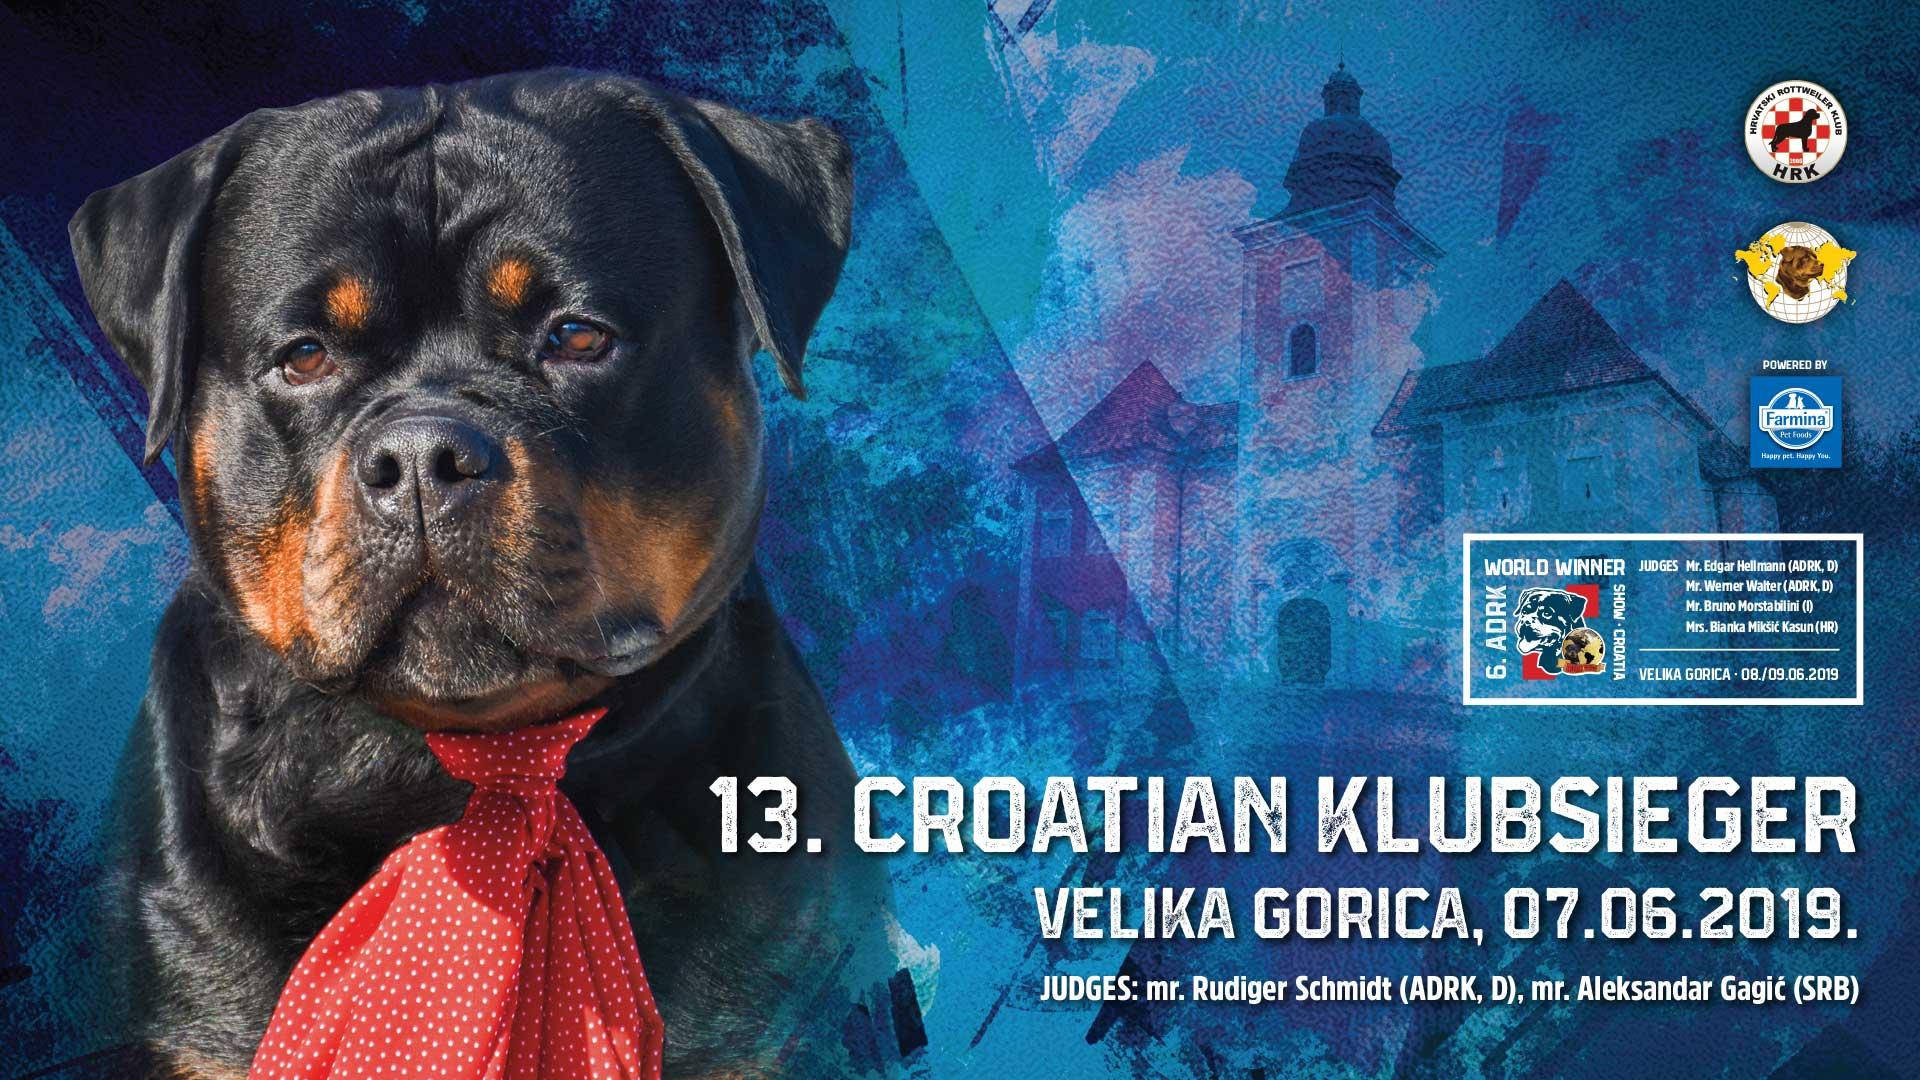 13. Croatian Clubsieger 2019.